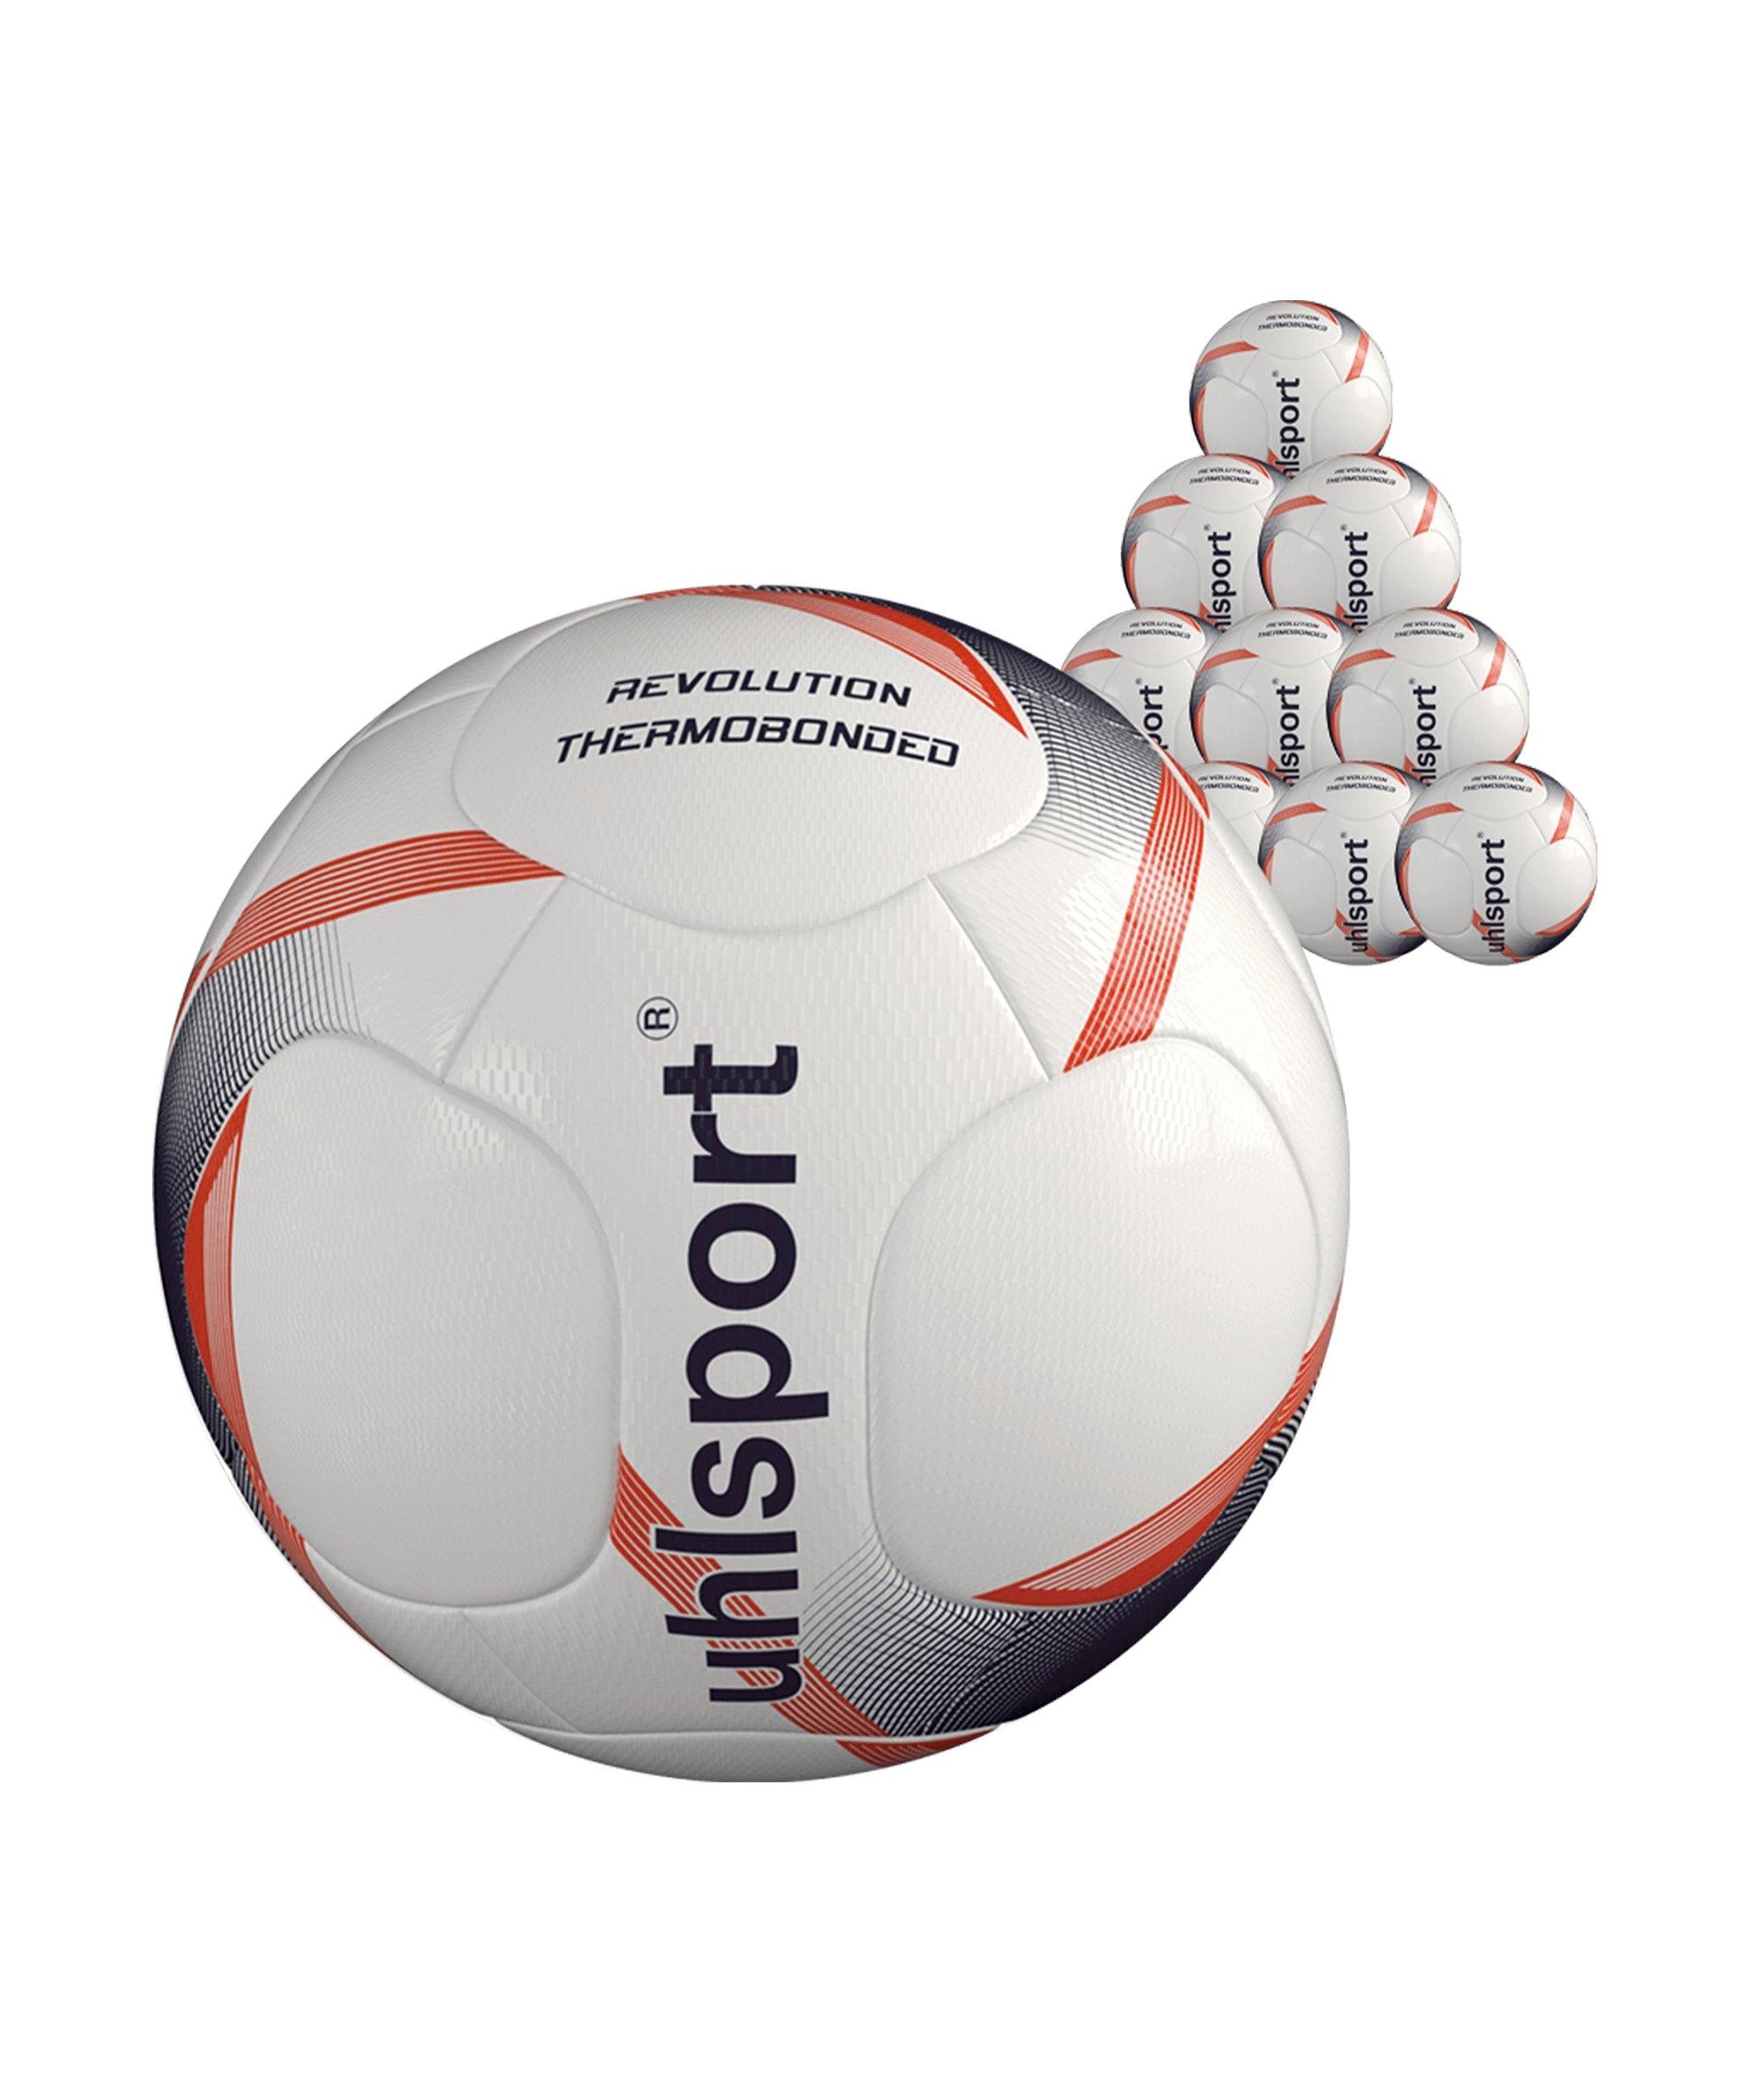 Uhlsport Infinity Revolution 3.0 x10 Gr 5 Fussball F01 - weiss